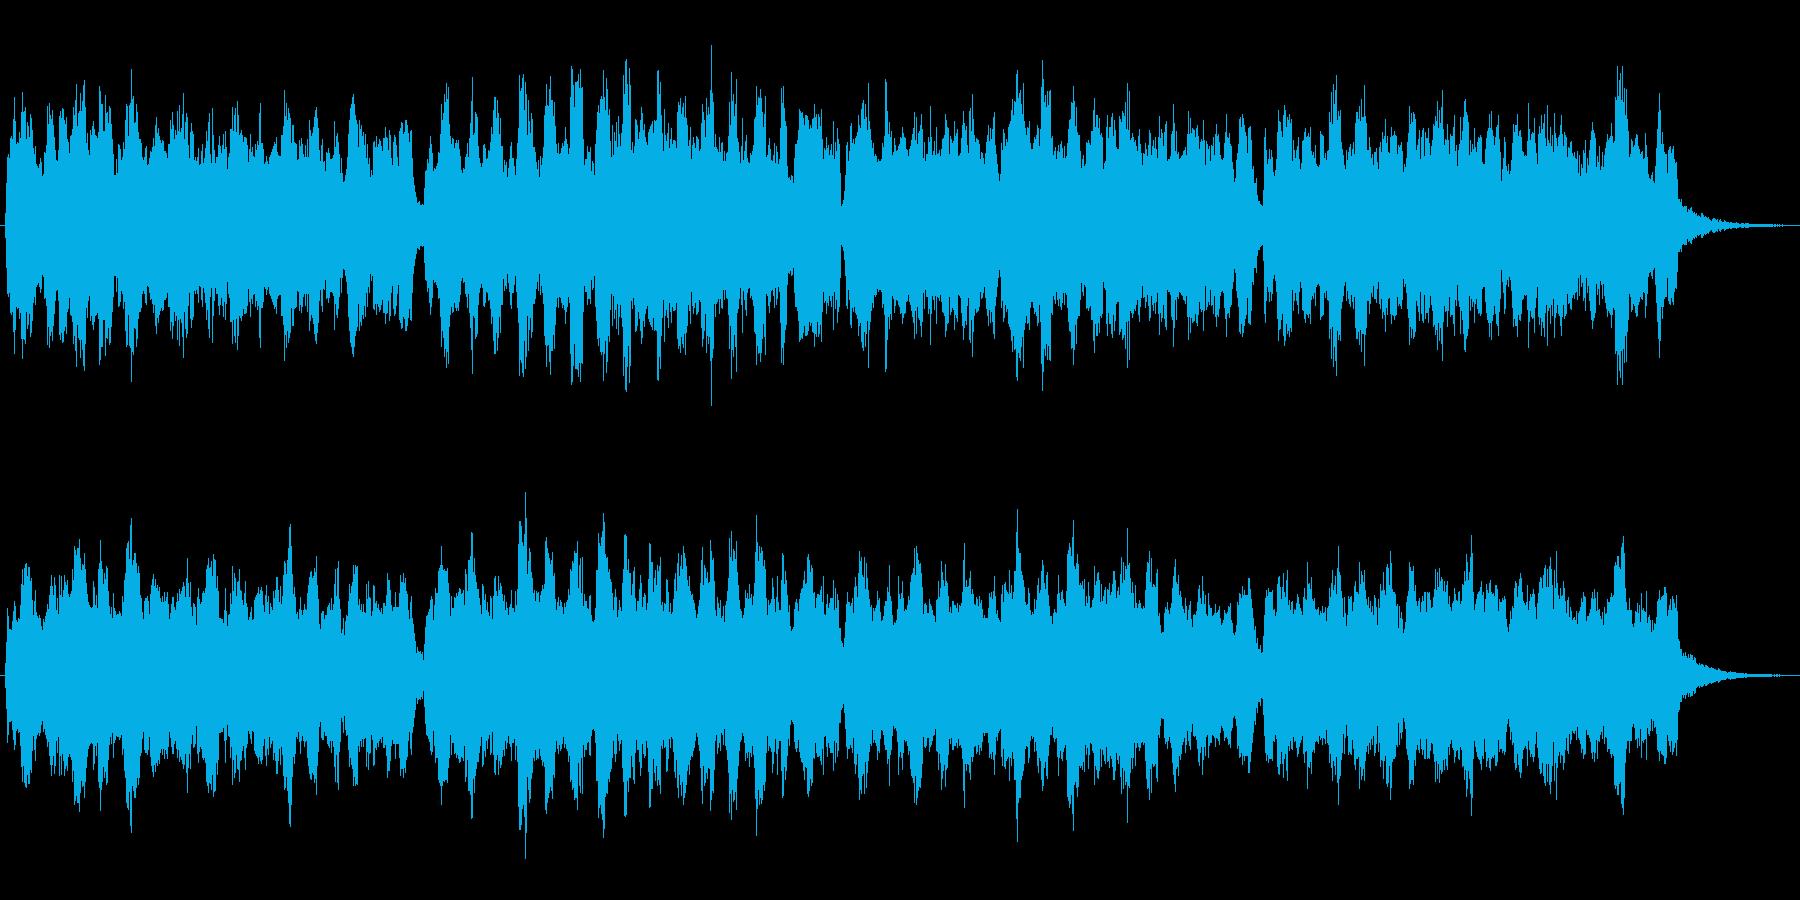 オルガンの音色が印象的な欧風なジングルの再生済みの波形